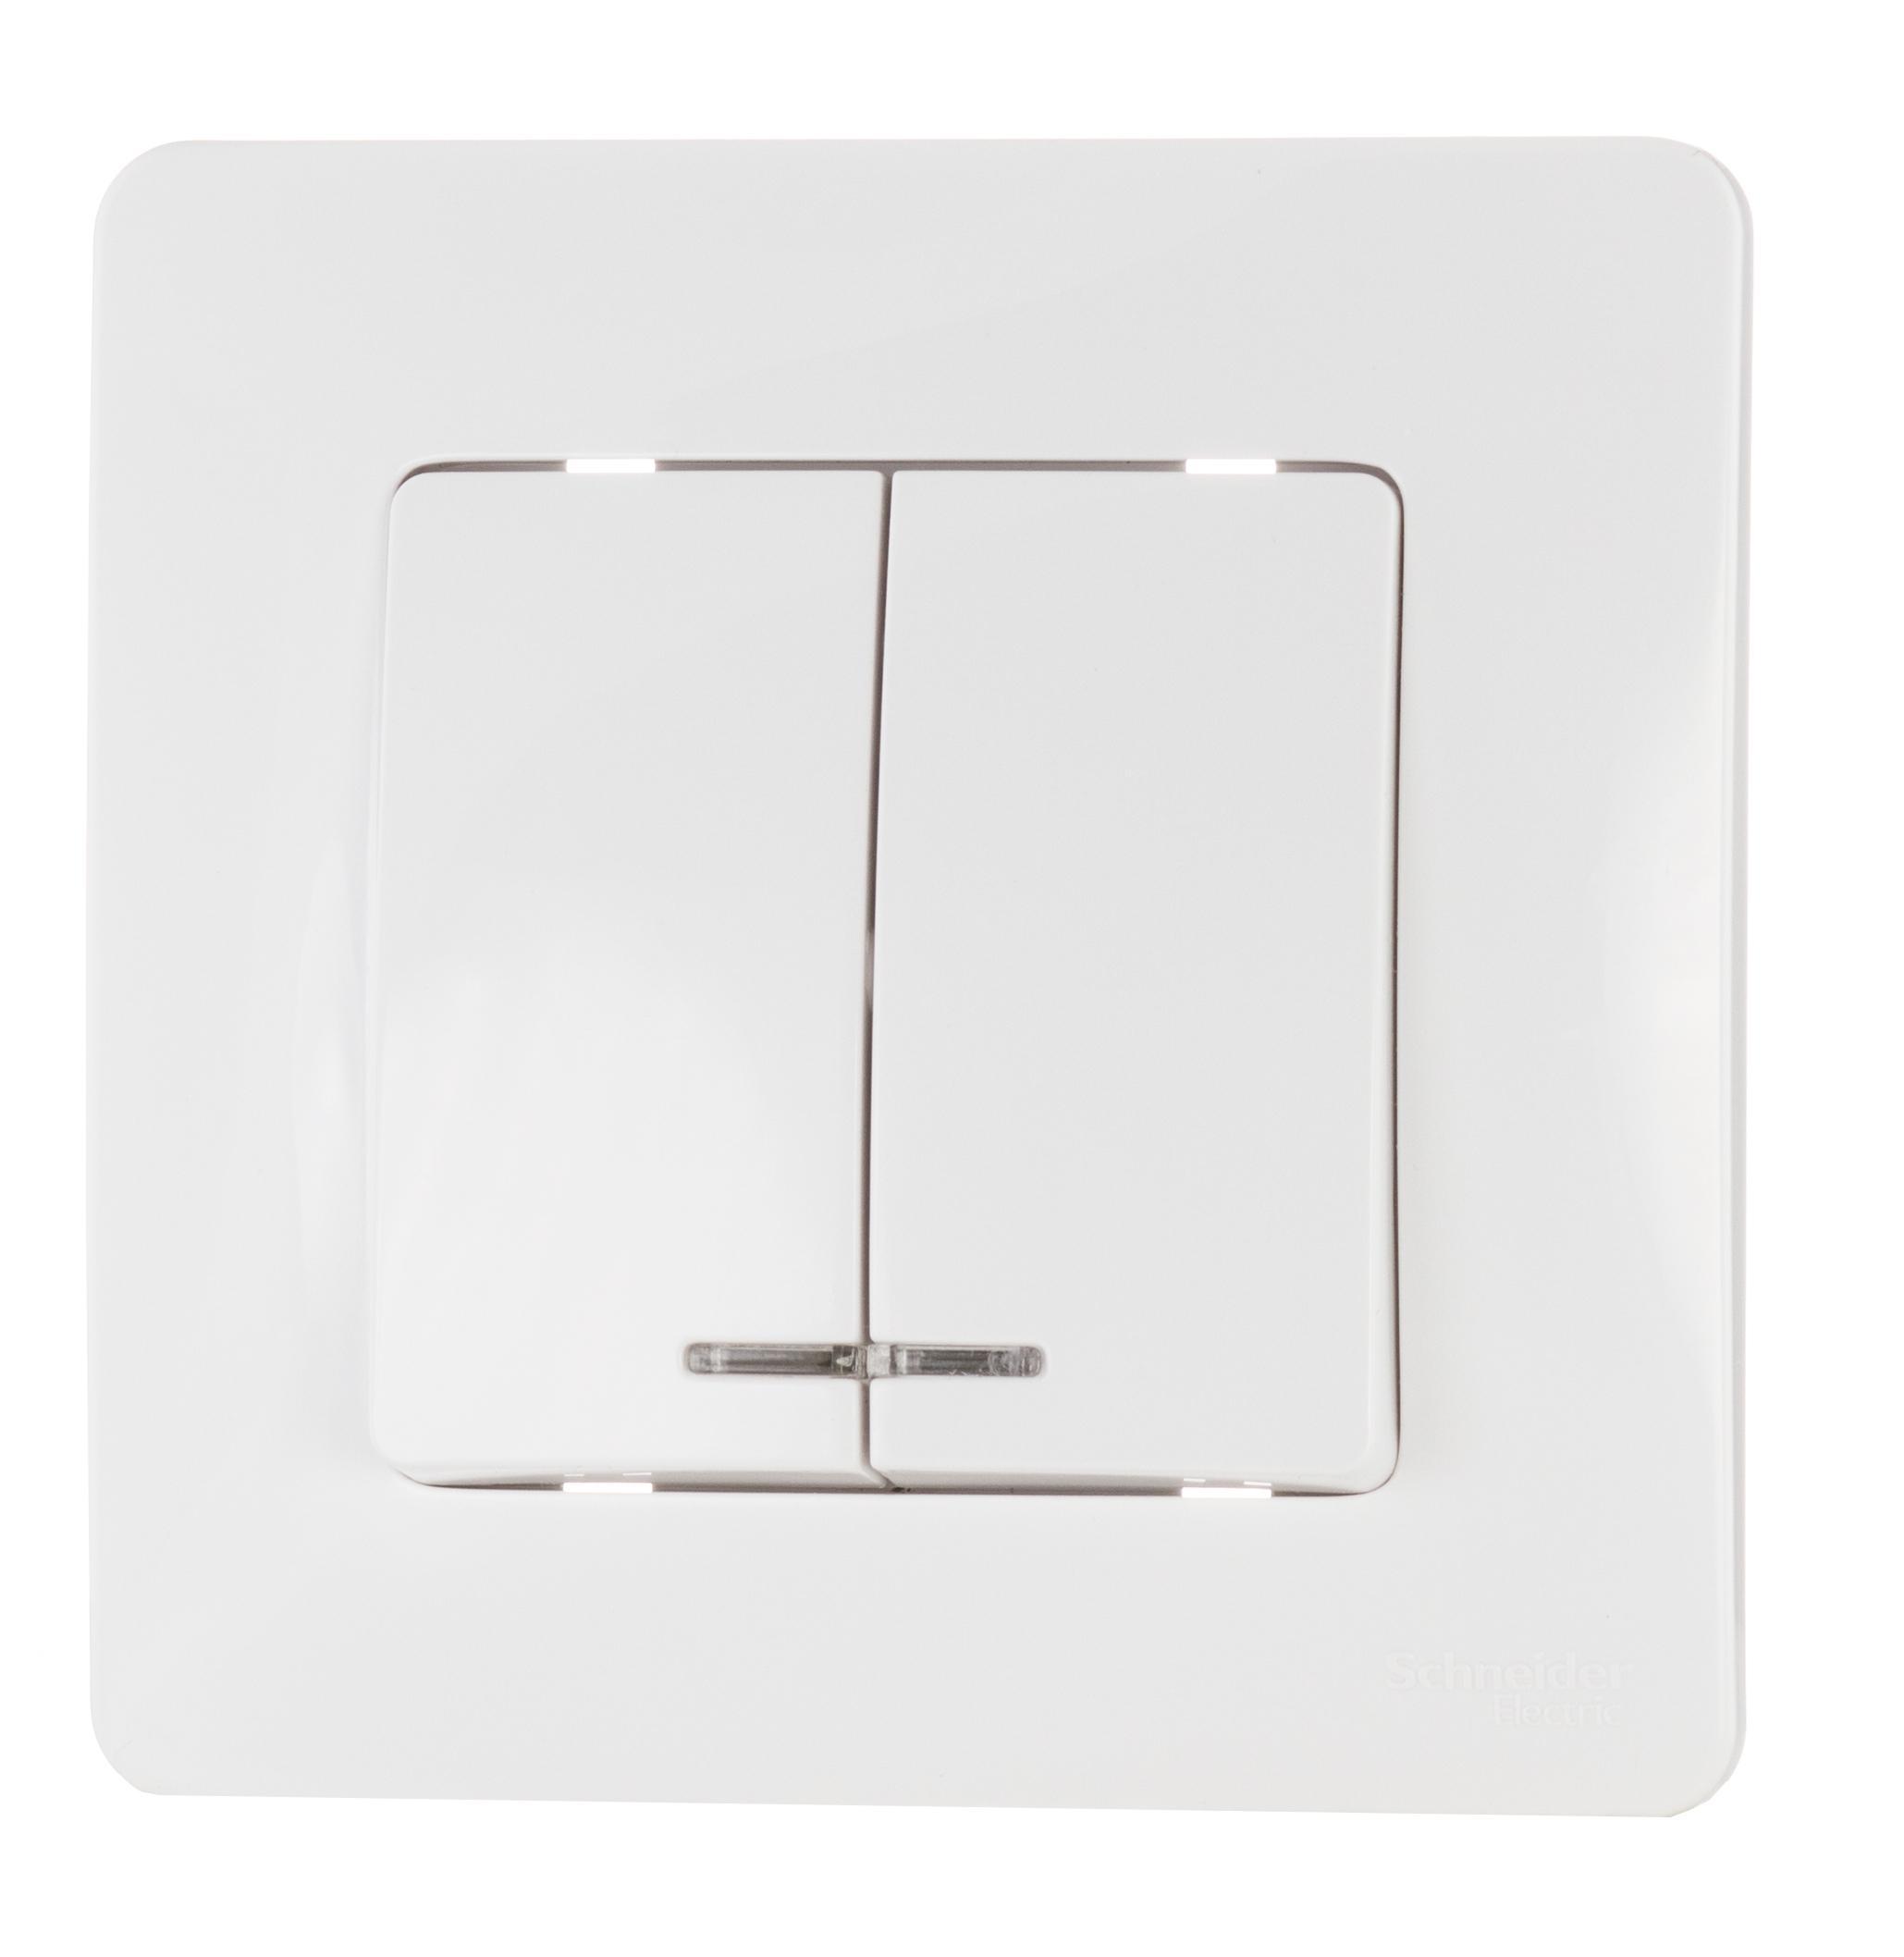 Выключатель Schneider electric Blnvs010511 blanca выключатель schneider electric blnva105014 blanca